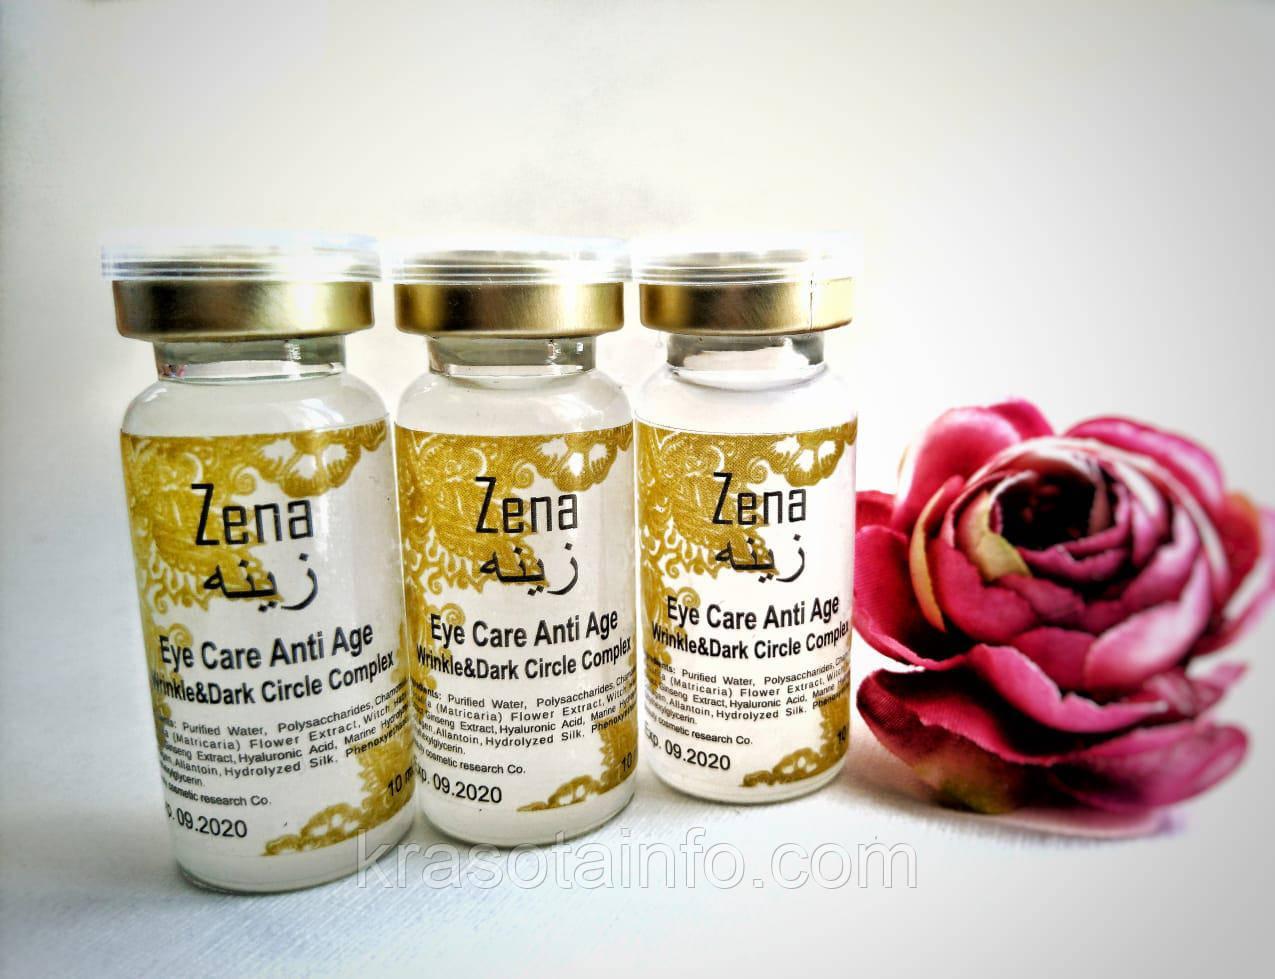 Концентрат для ухода за кожей вокруг глаз Eye Care Anti Age Wrinkle & Dark Circle Complex Zena 10 мл.